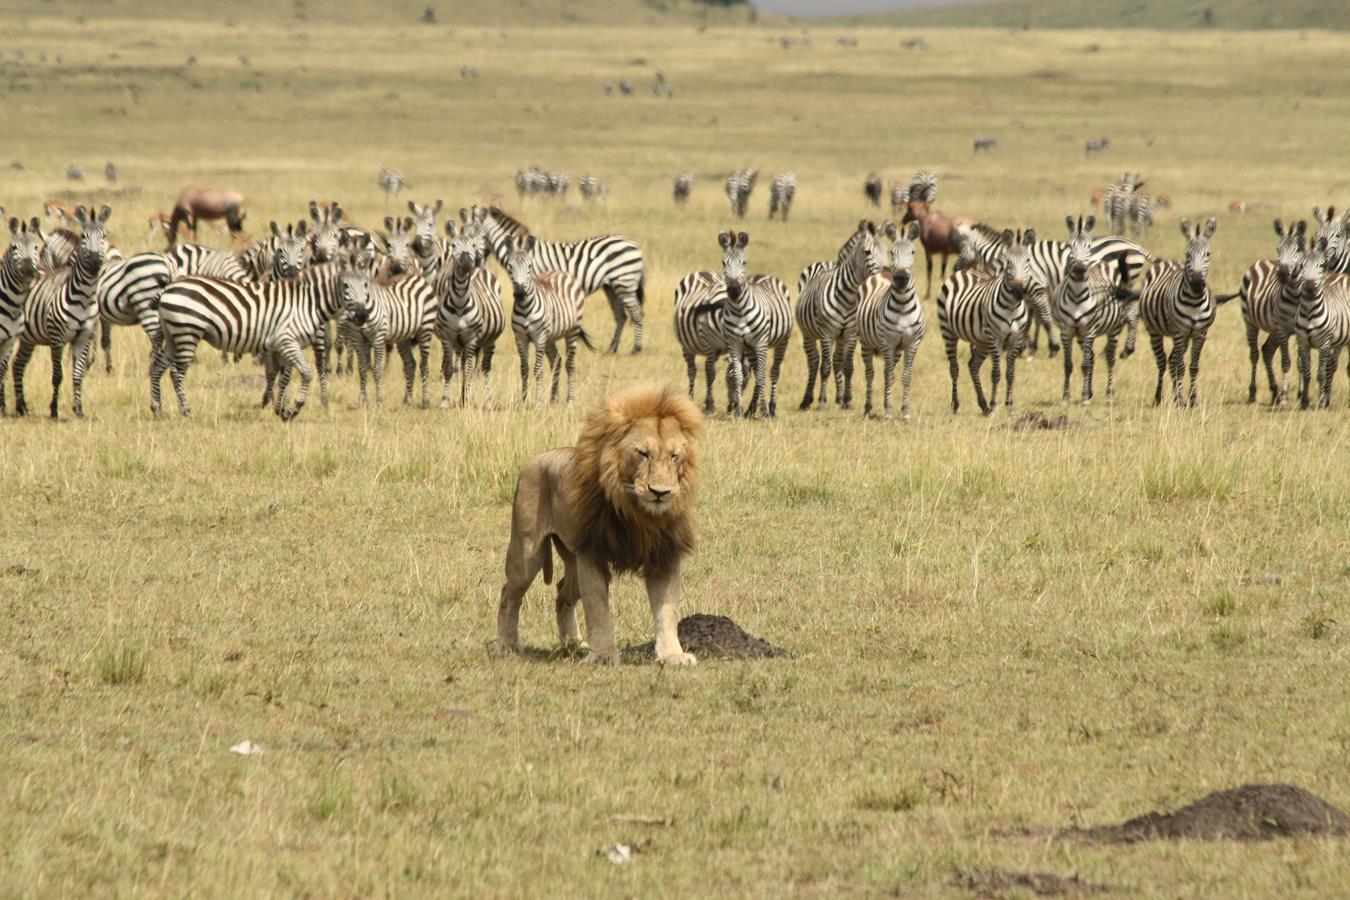 Löwe vor Zebras_Maasai Mara